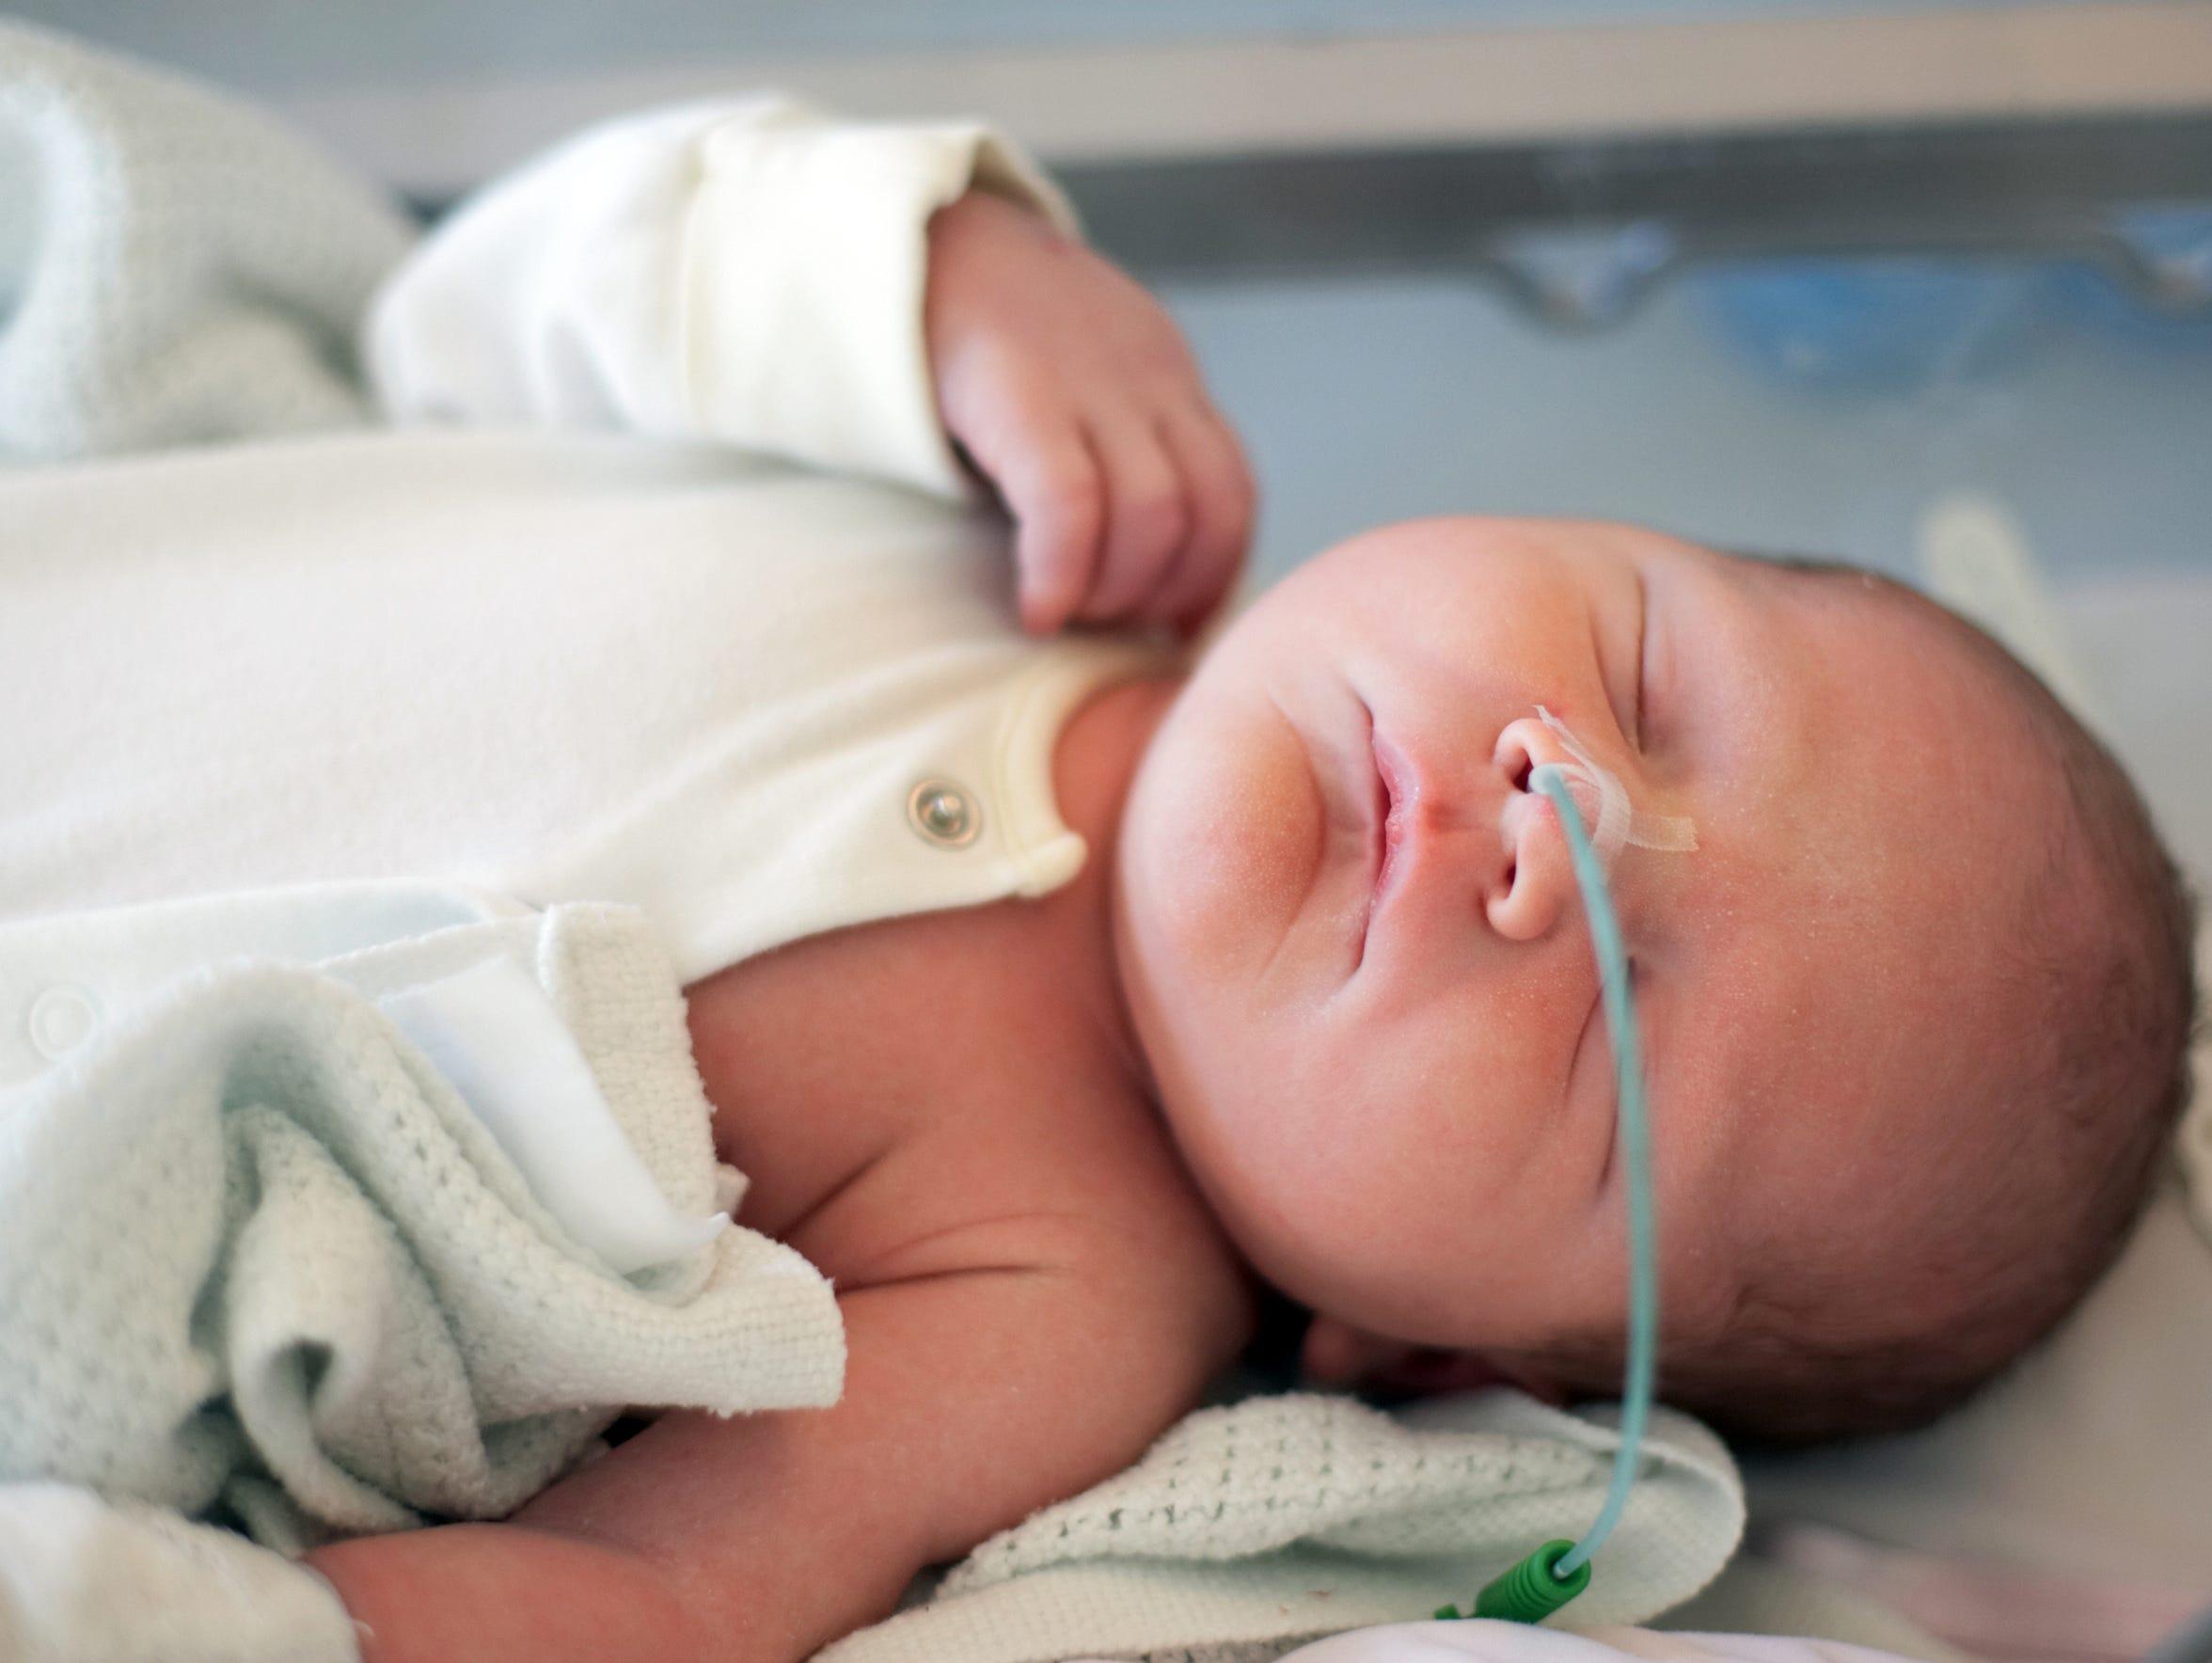 A newborn baby with a feeding tube.